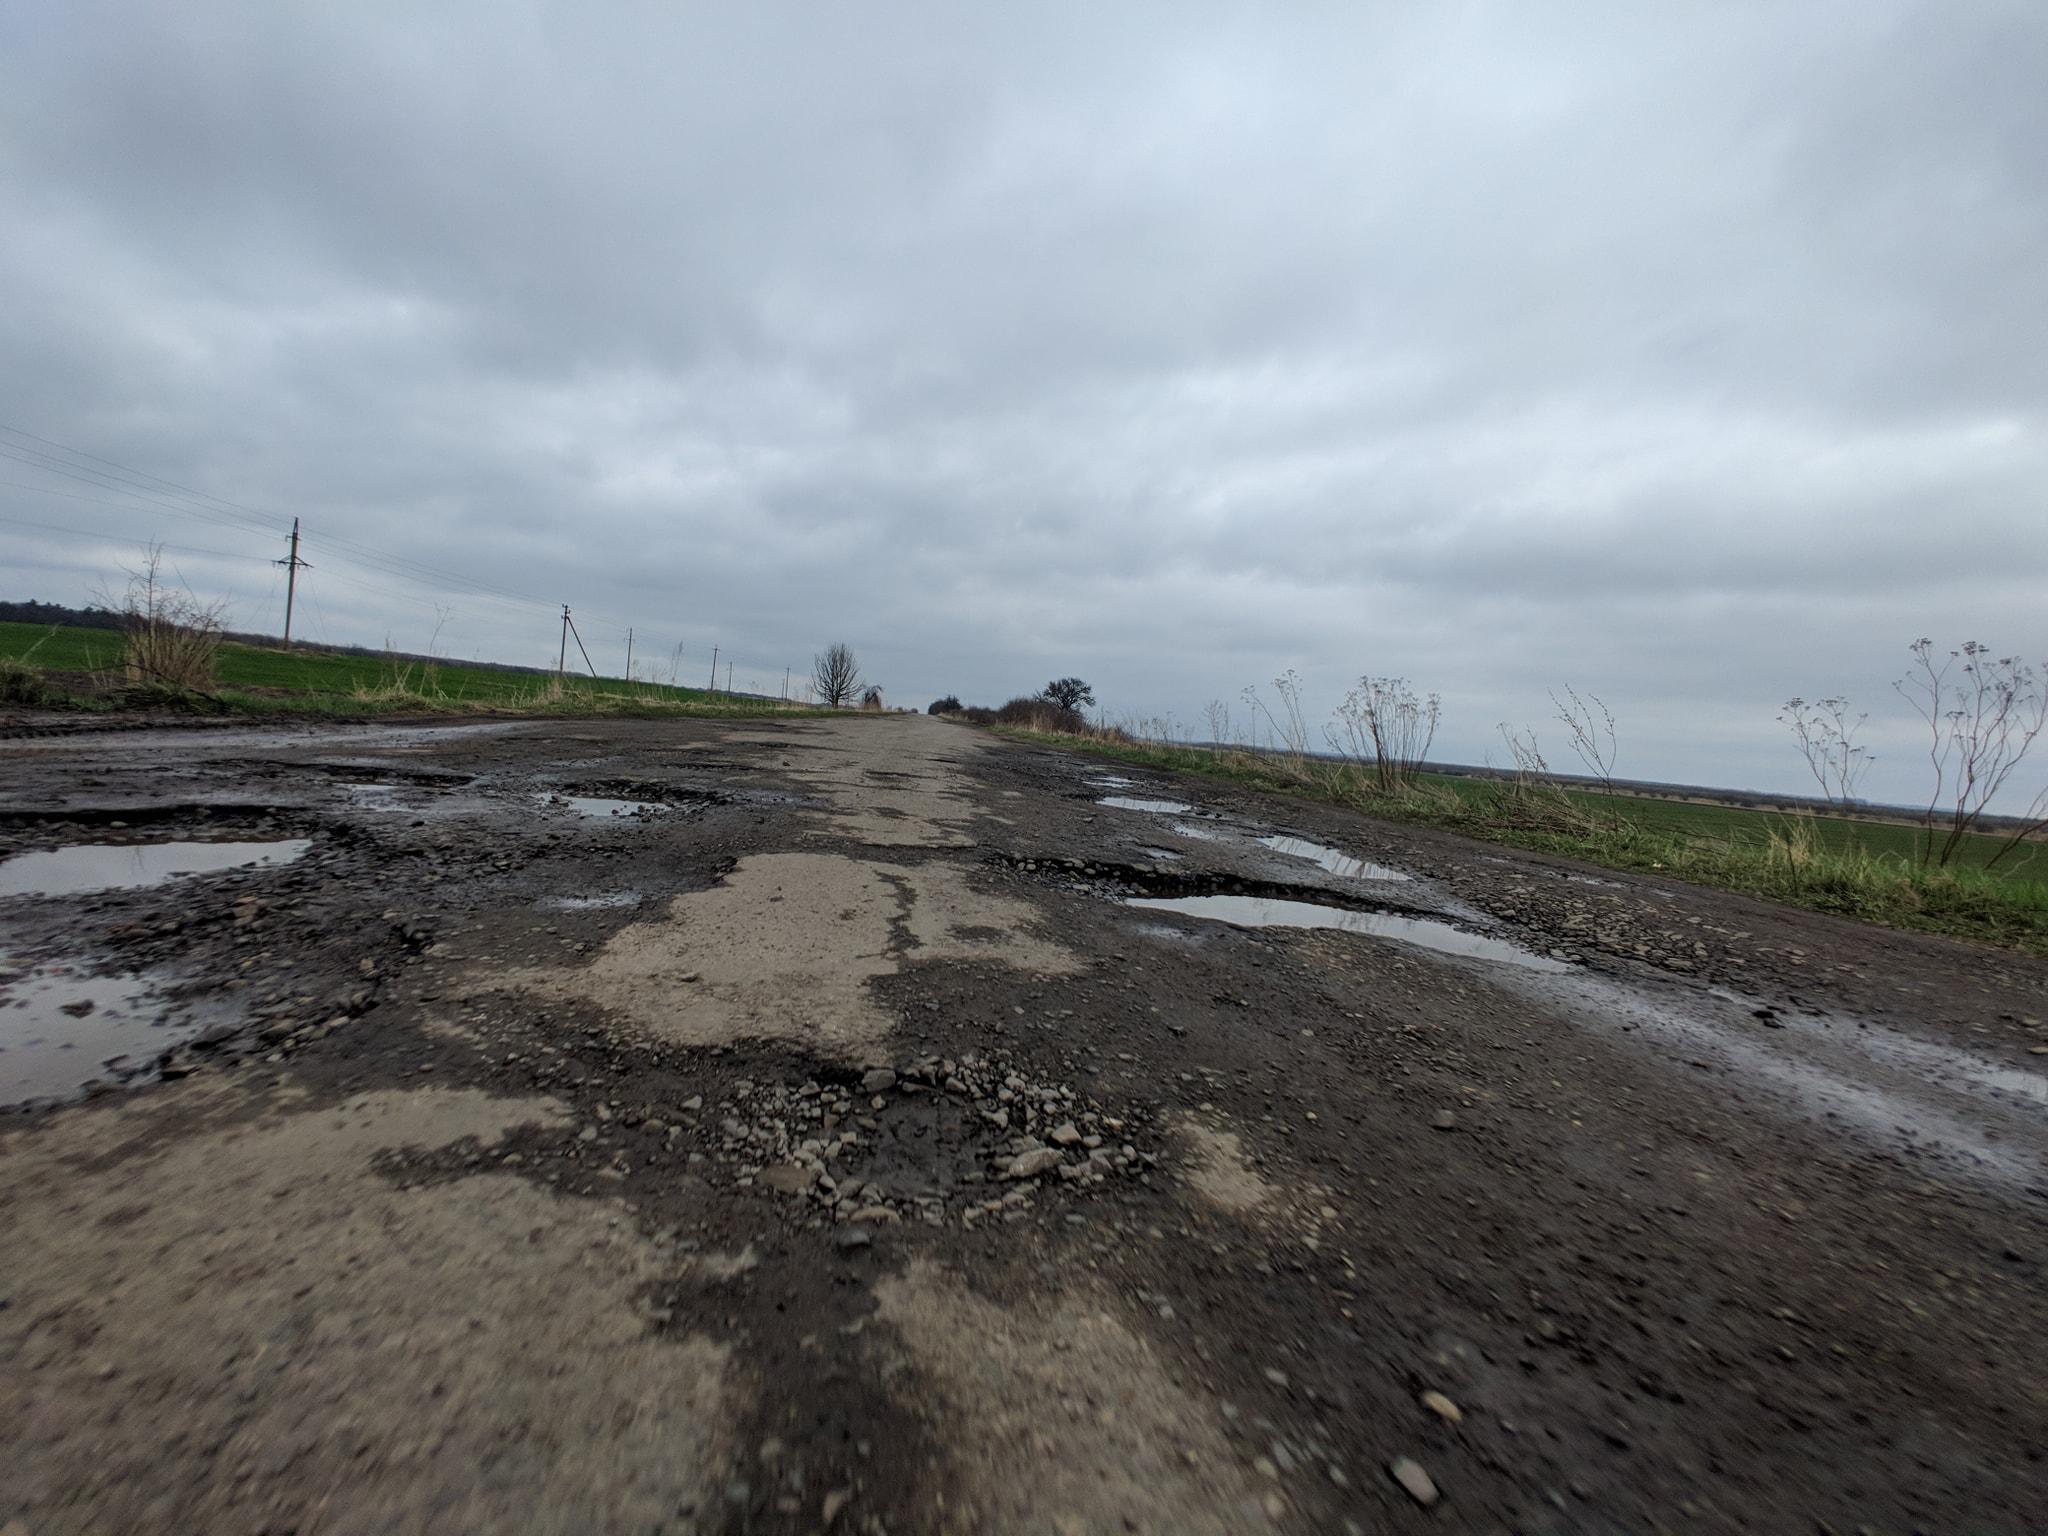 Жителі Белзької громади готові до перекриття доріг міжнародного значення та інших акцій протесту, якщо не почнуть ремонтувати дорогу Червоноград-Белз-Рава-Руська